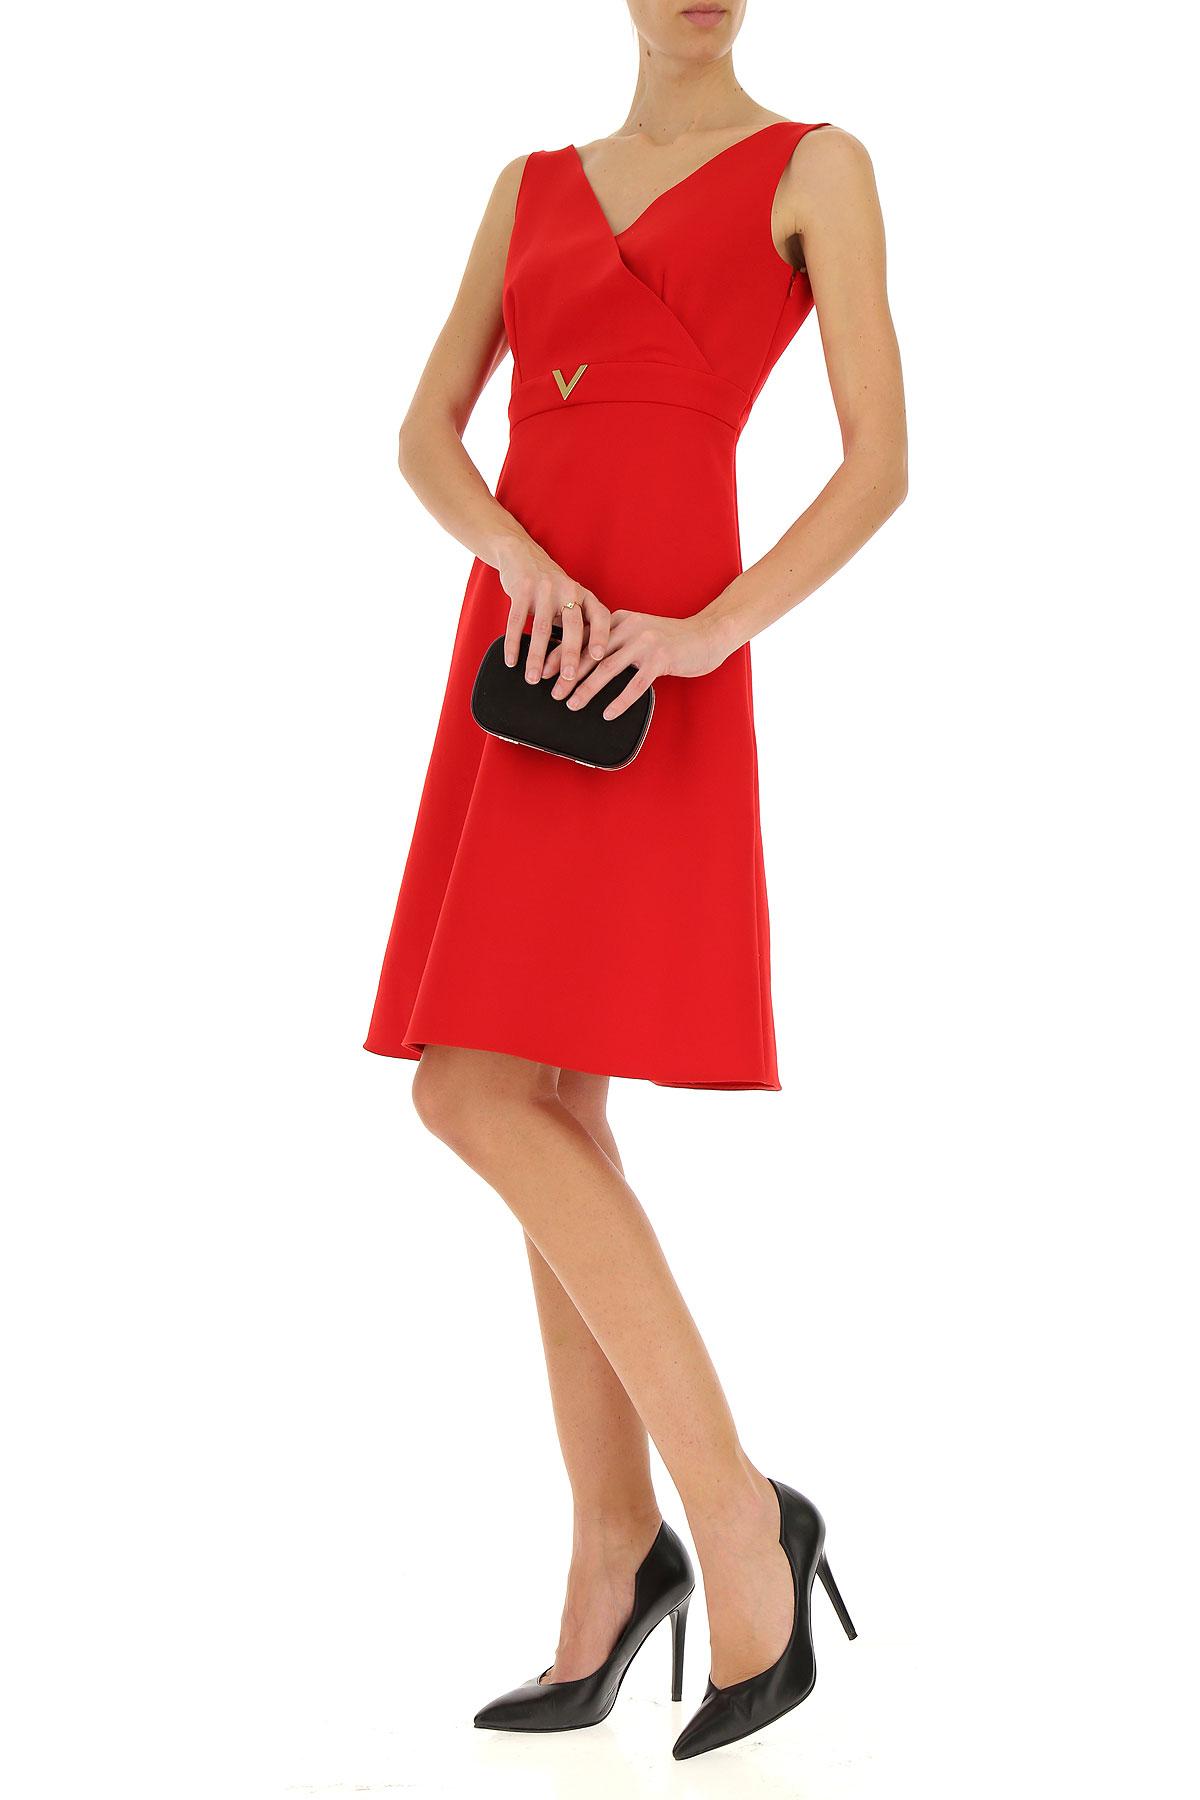 Primavera Rojo Mujer verano nbsp; Valentino Para 2019 Ropa Valentino qfnHt